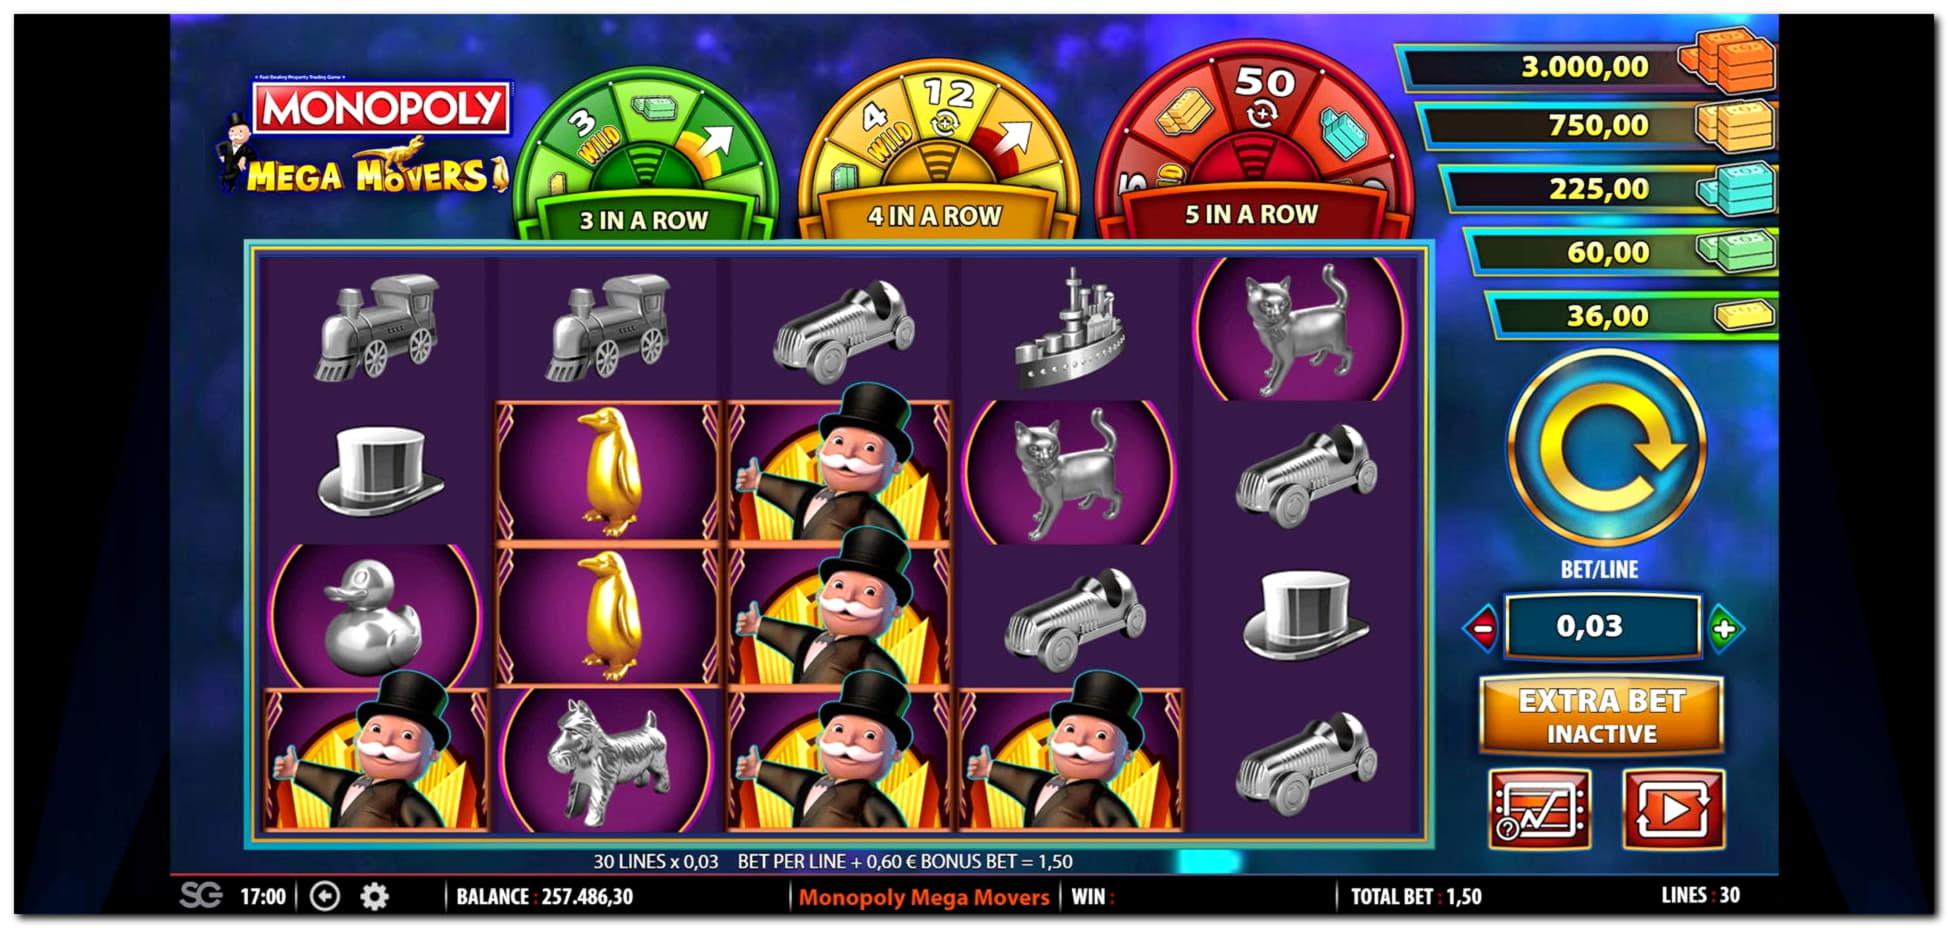 $550 Free Casino Chip at Energy Casino